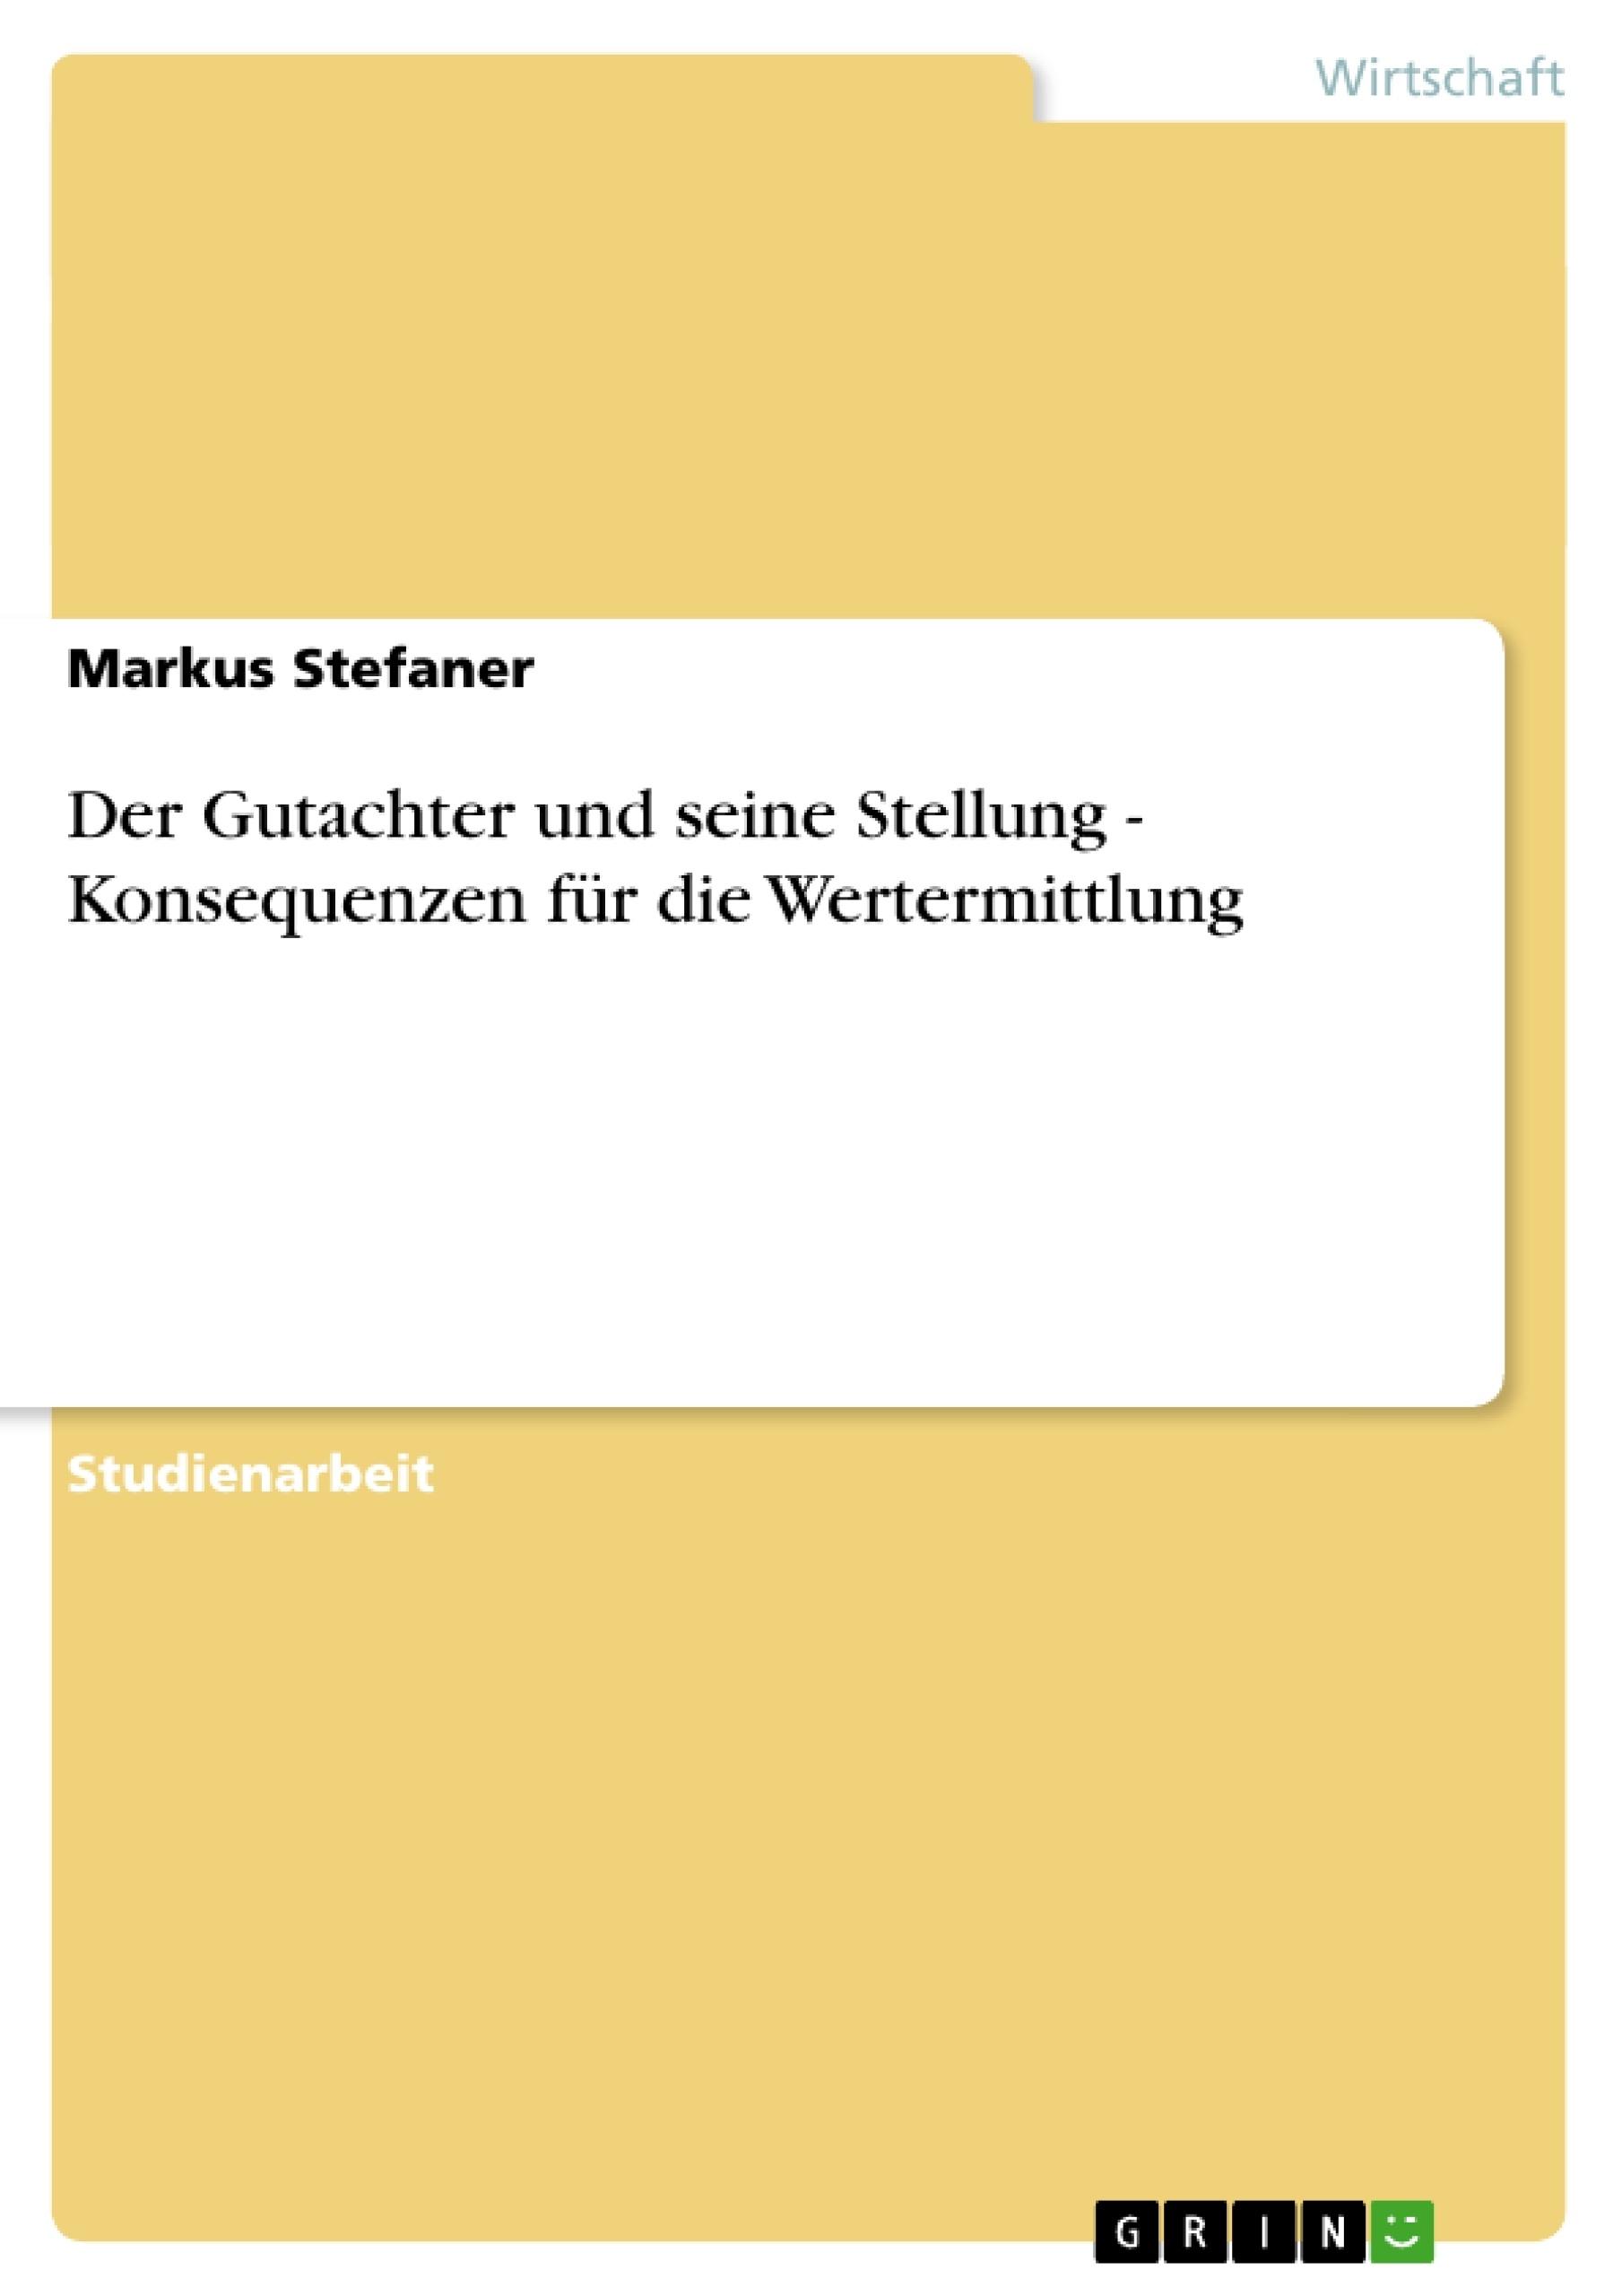 Titel: Der Gutachter und seine Stellung - Konsequenzen für die Wertermittlung